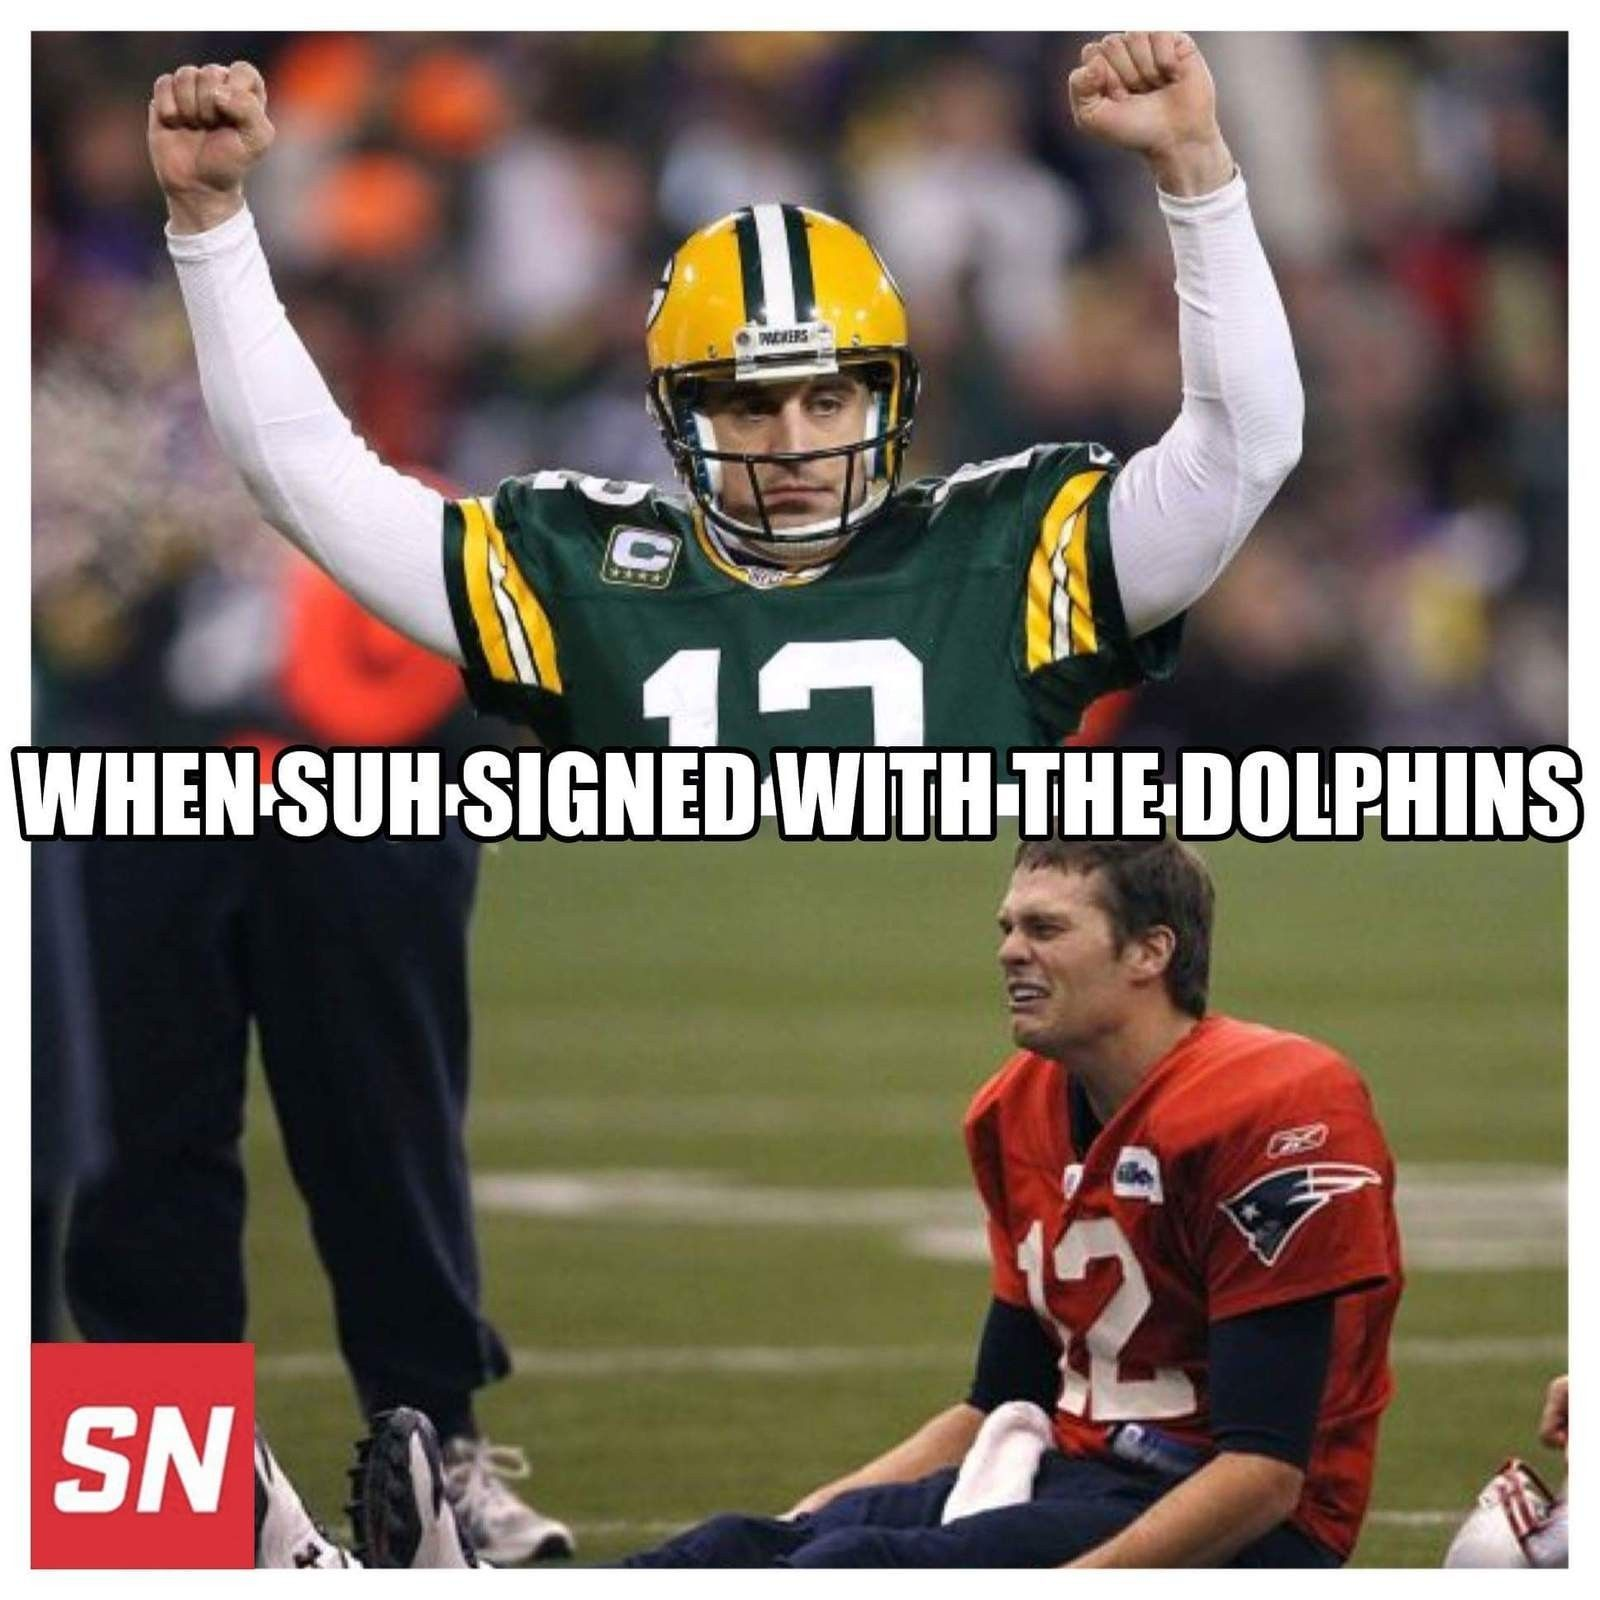 ***Official 2015 NFL Season thread*** - uploadfromtaptalk1425863123289.jpg